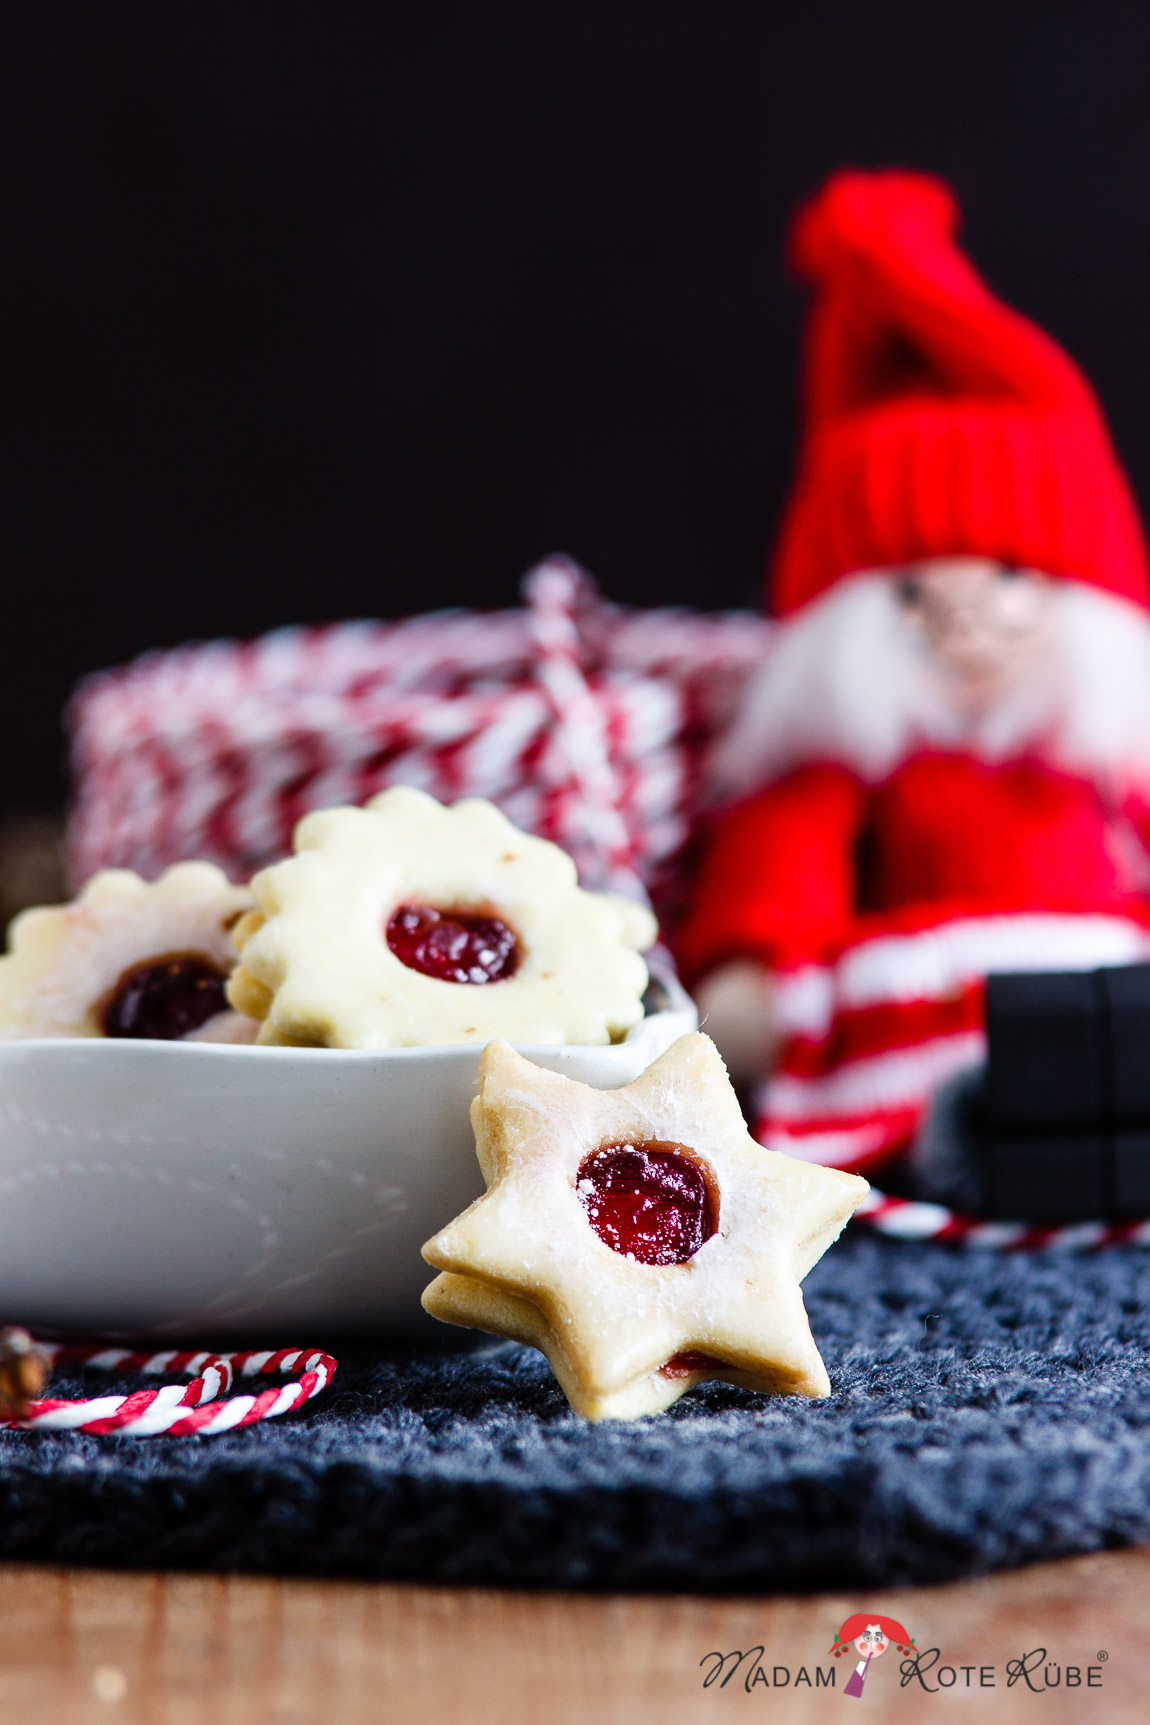 Madam Rote Rübe - Fruchtig gefüllte Hildabrötchen mit Johannisbeergelee aus der Weihnachtsbäckerei